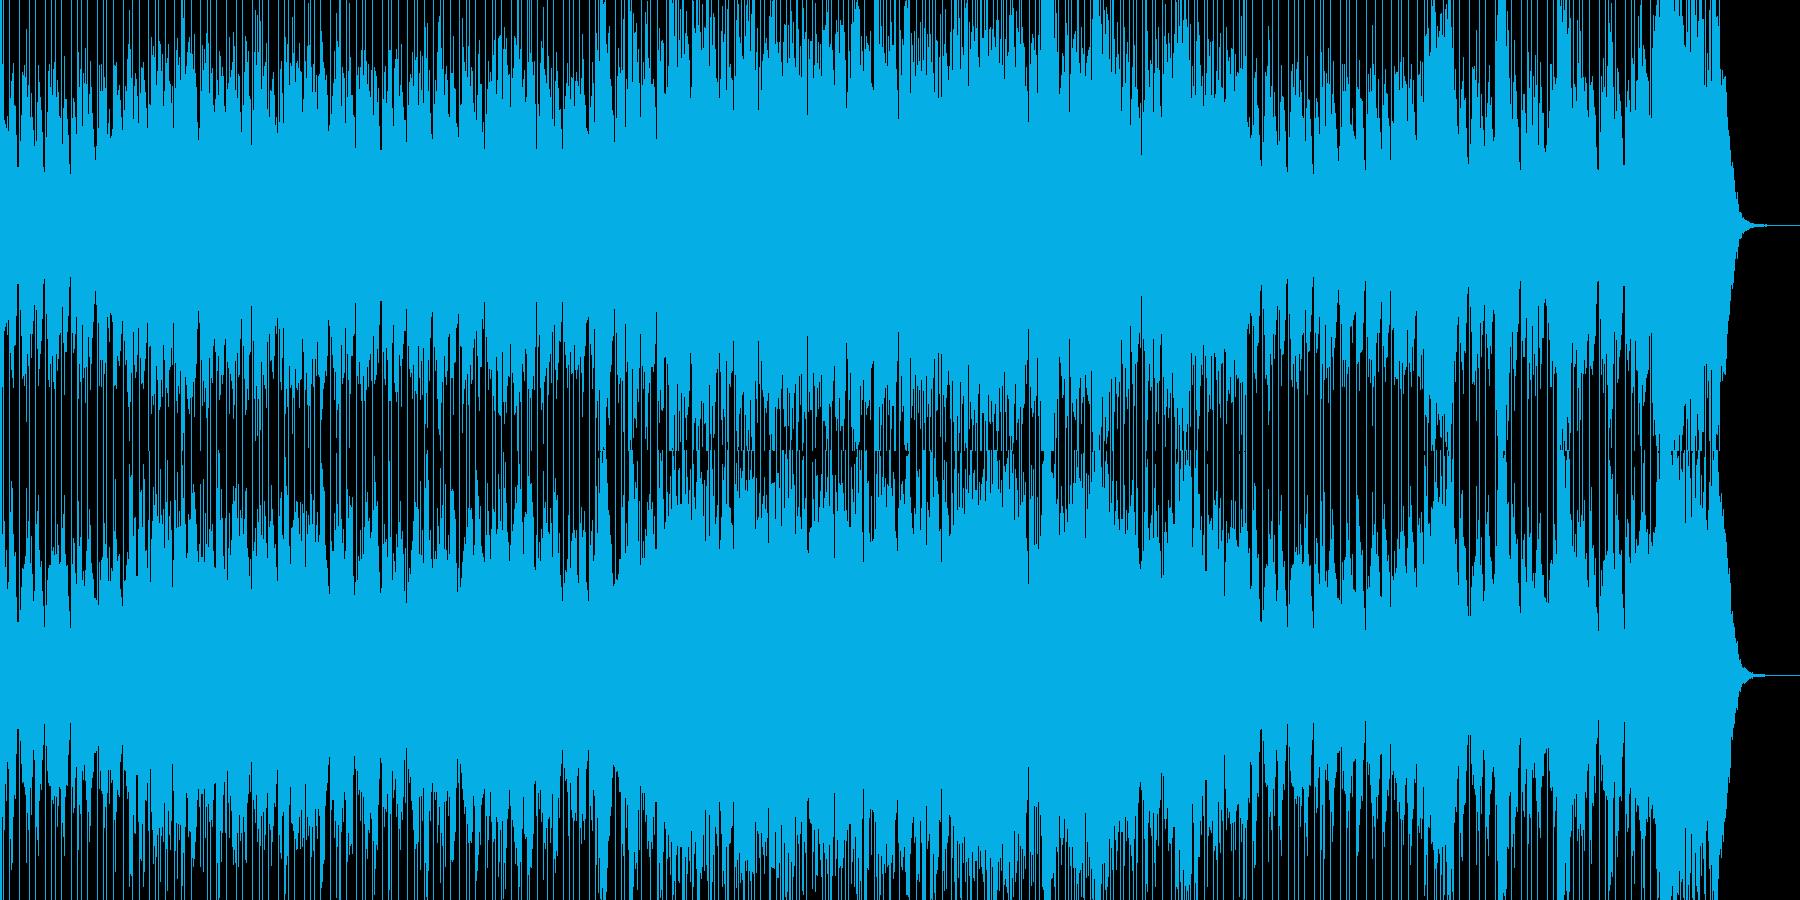 戦いの太鼓 ティンパニと不協和音の再生済みの波形